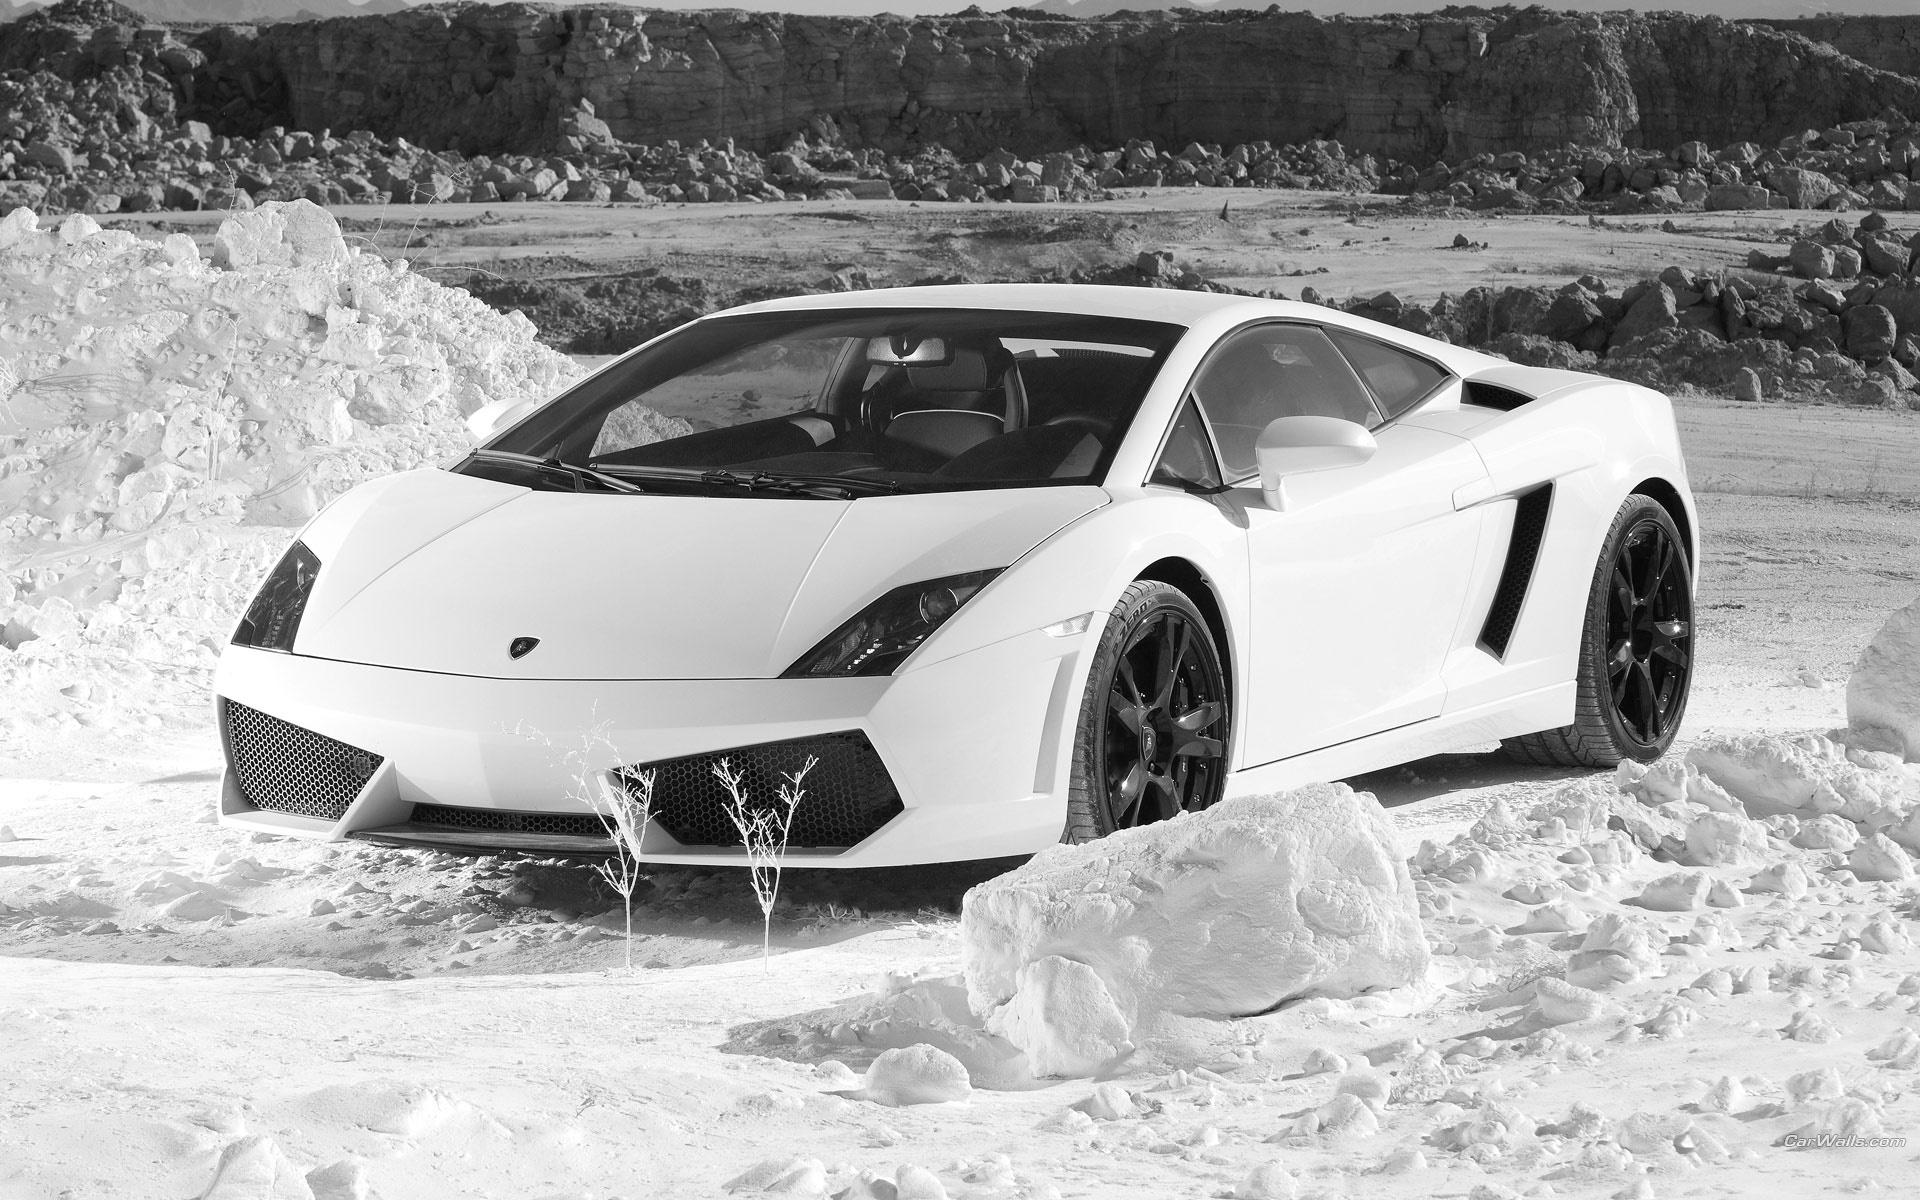 White Lamborghini Wallpaper